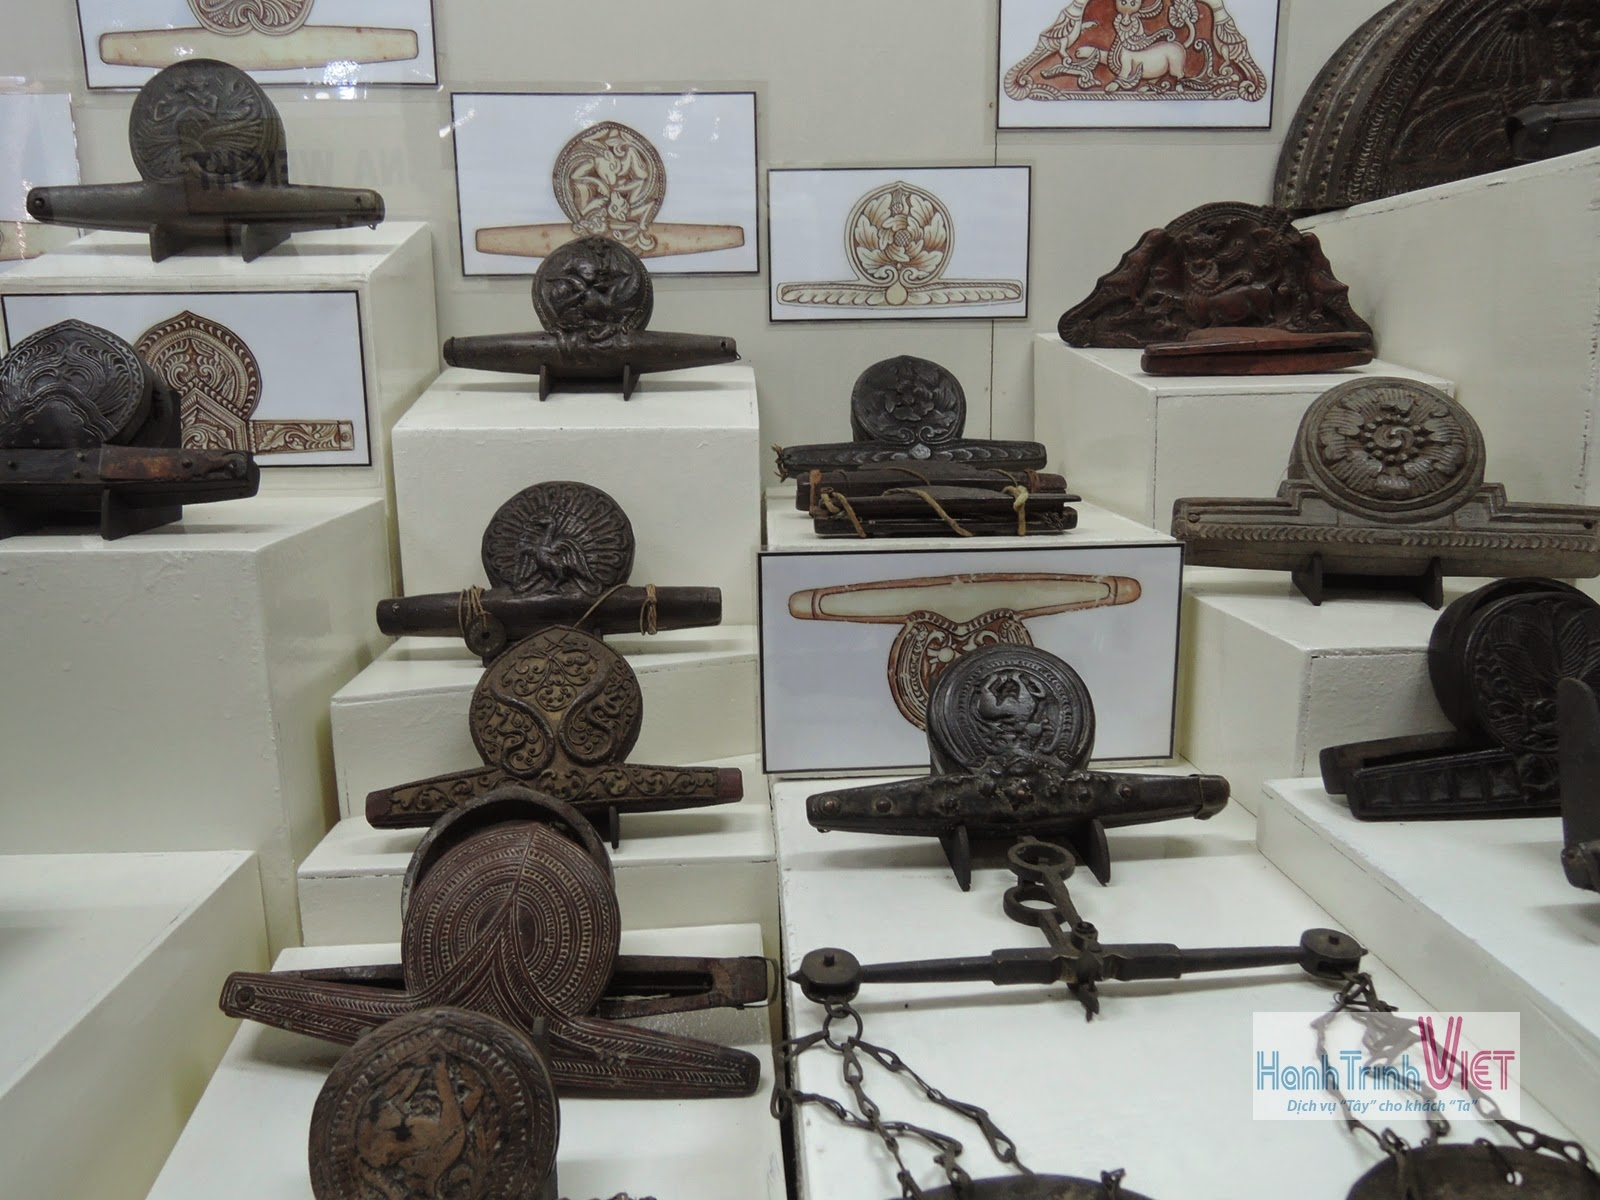 Tham quan bảo tàng thuốc phiện ở Chiêng Rai